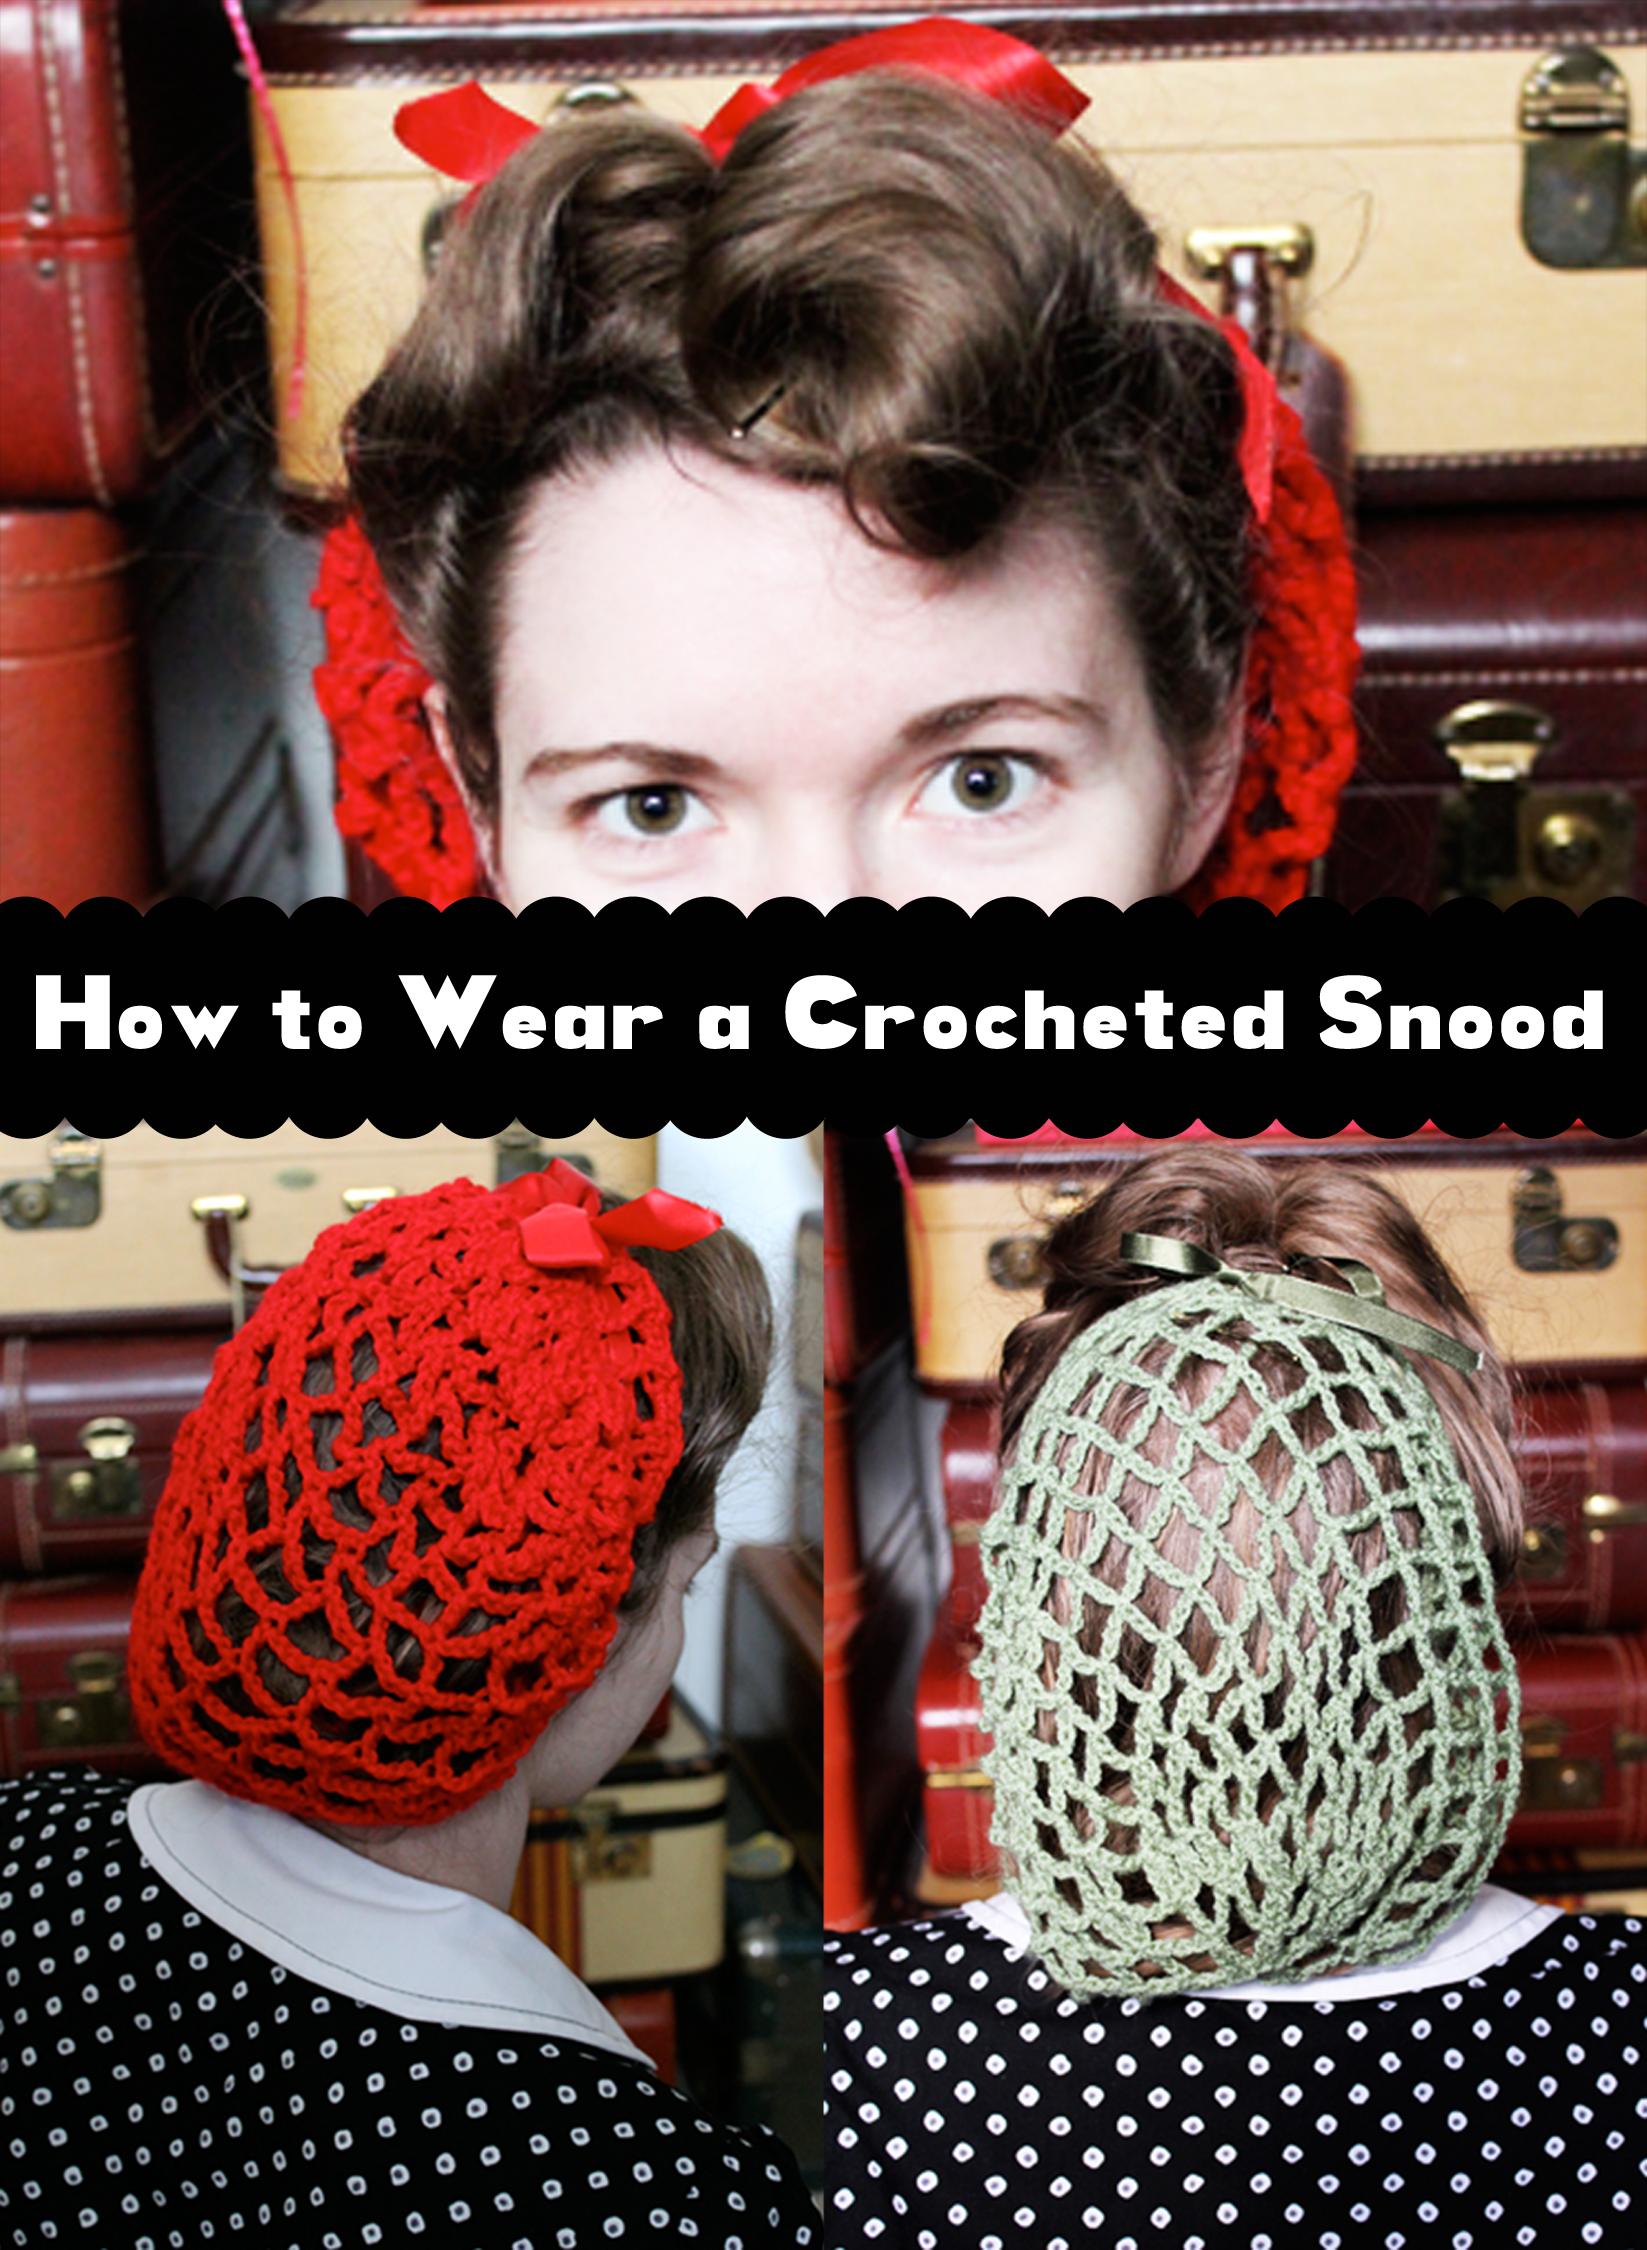 Snood Crochet Pattern Free How To Wear A Crocheted Snood Noir